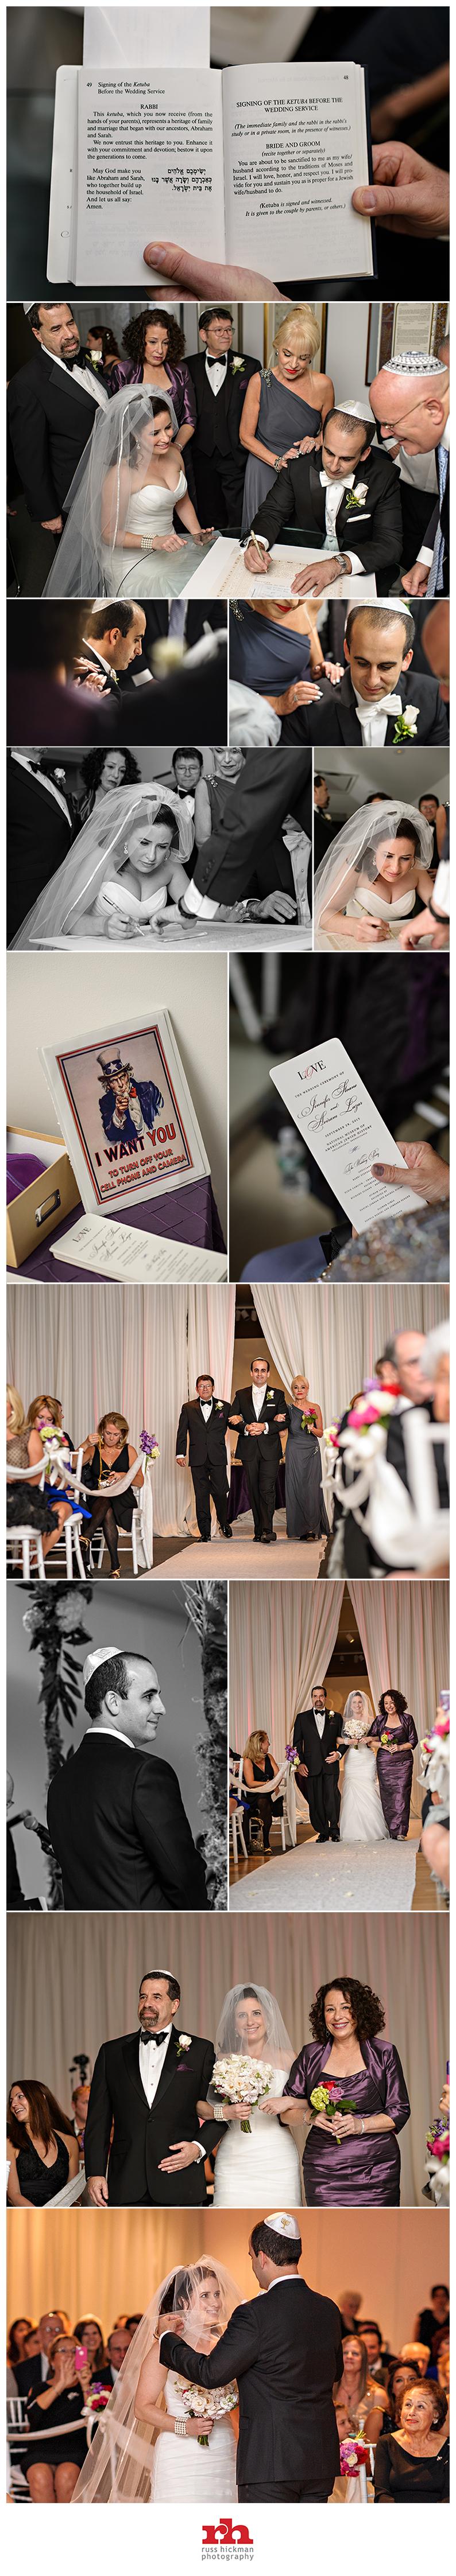 Philadelphia Wedding Photographer JAWBlog009